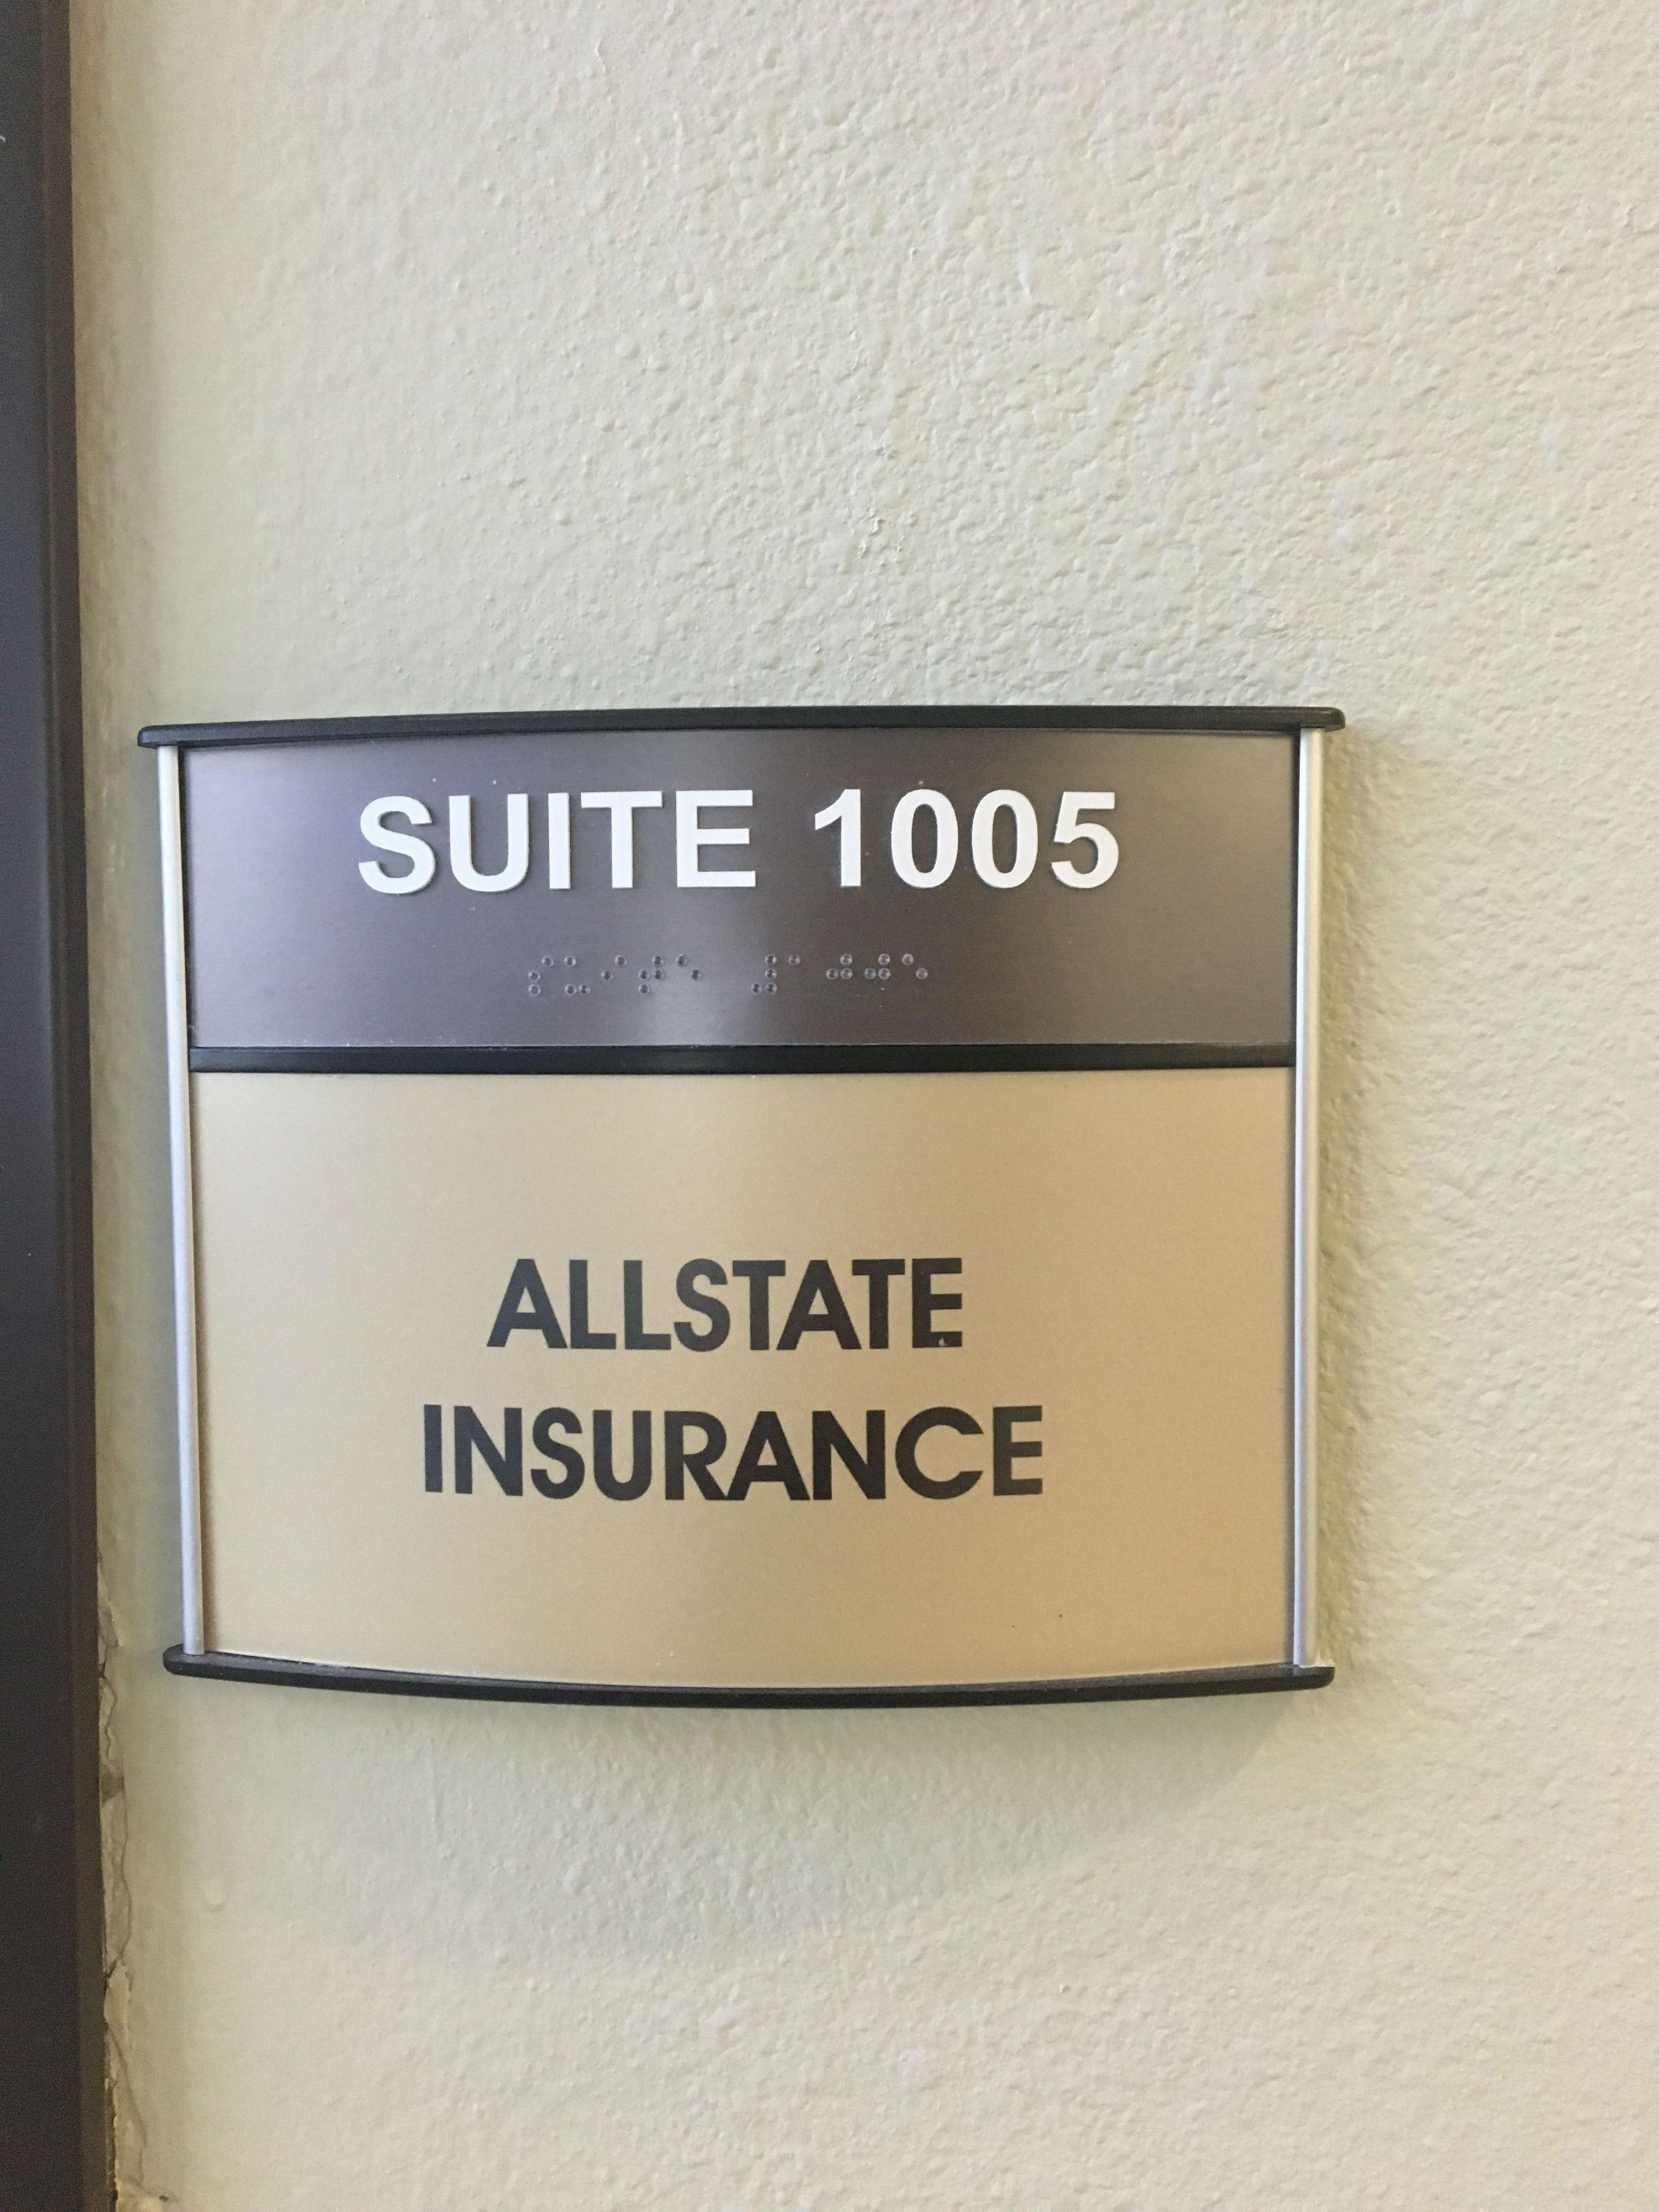 Julia Serebro: Allstate Insurance image 2